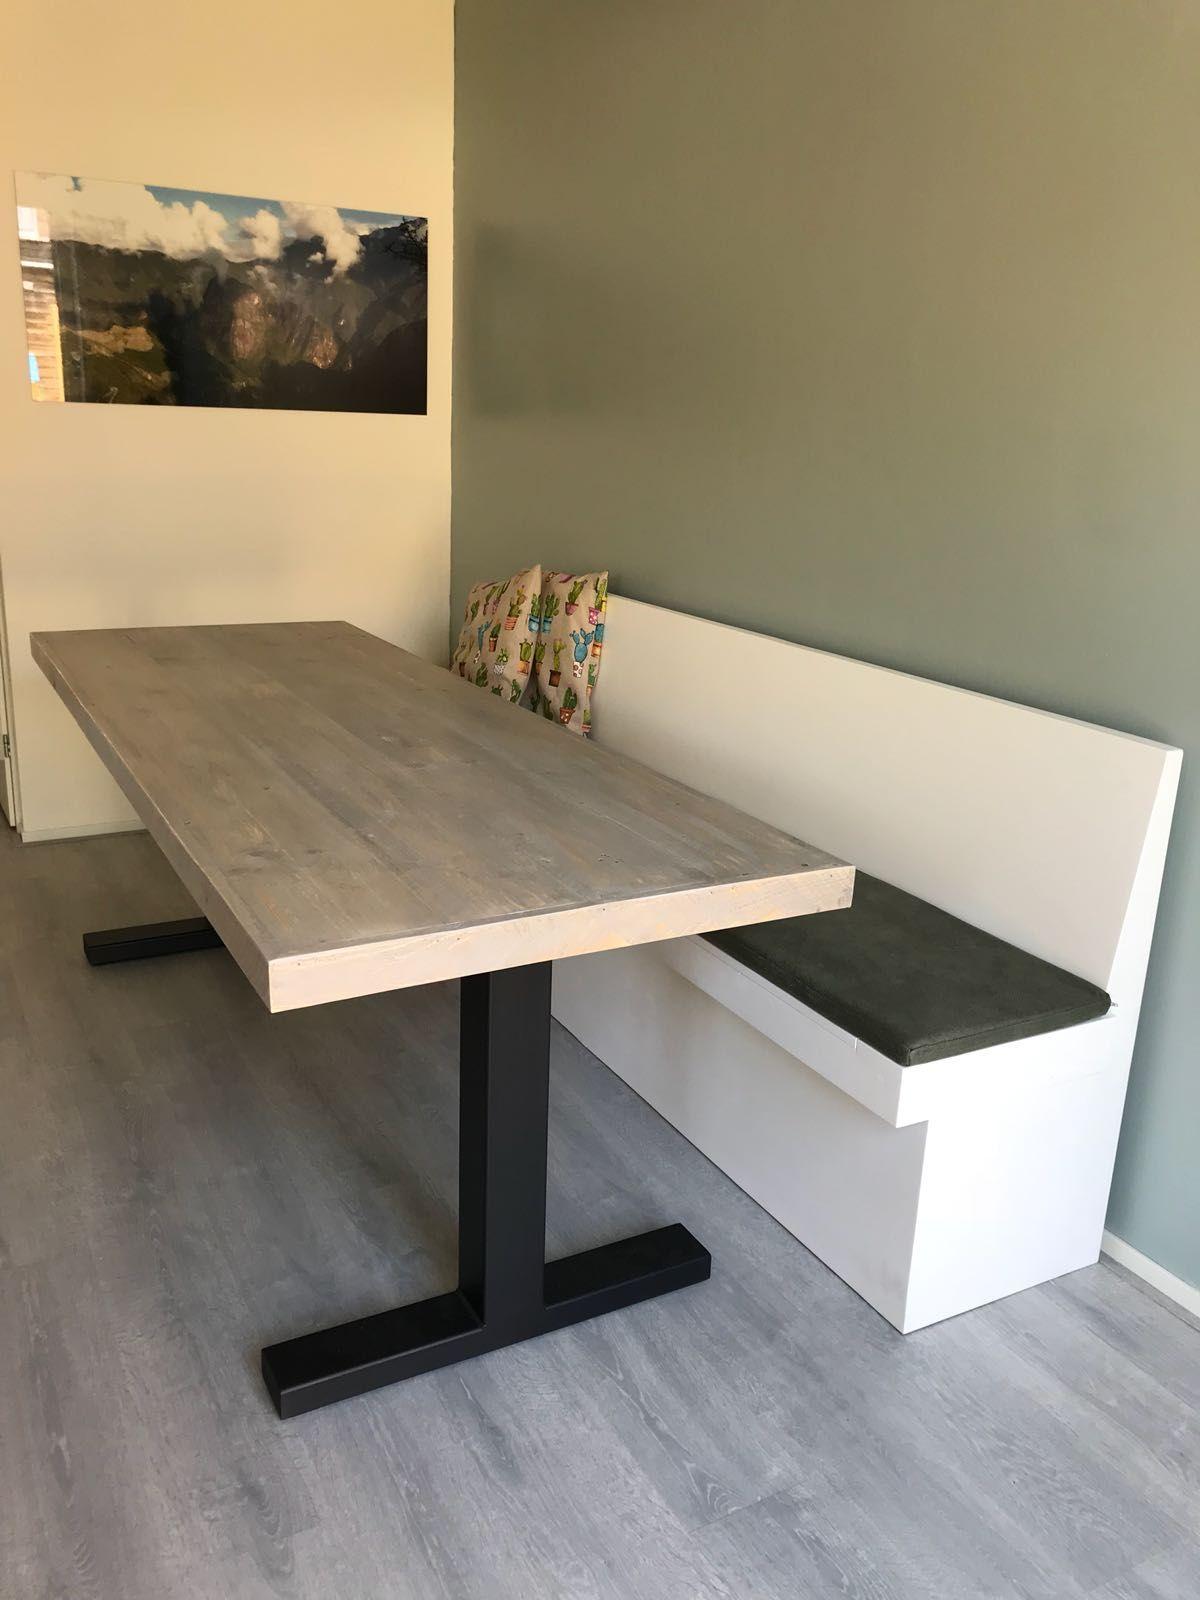 Woood Eettafel Bankje.Table Base Interior In 2019 Eettafel Bank Eetkamer En Eettafel